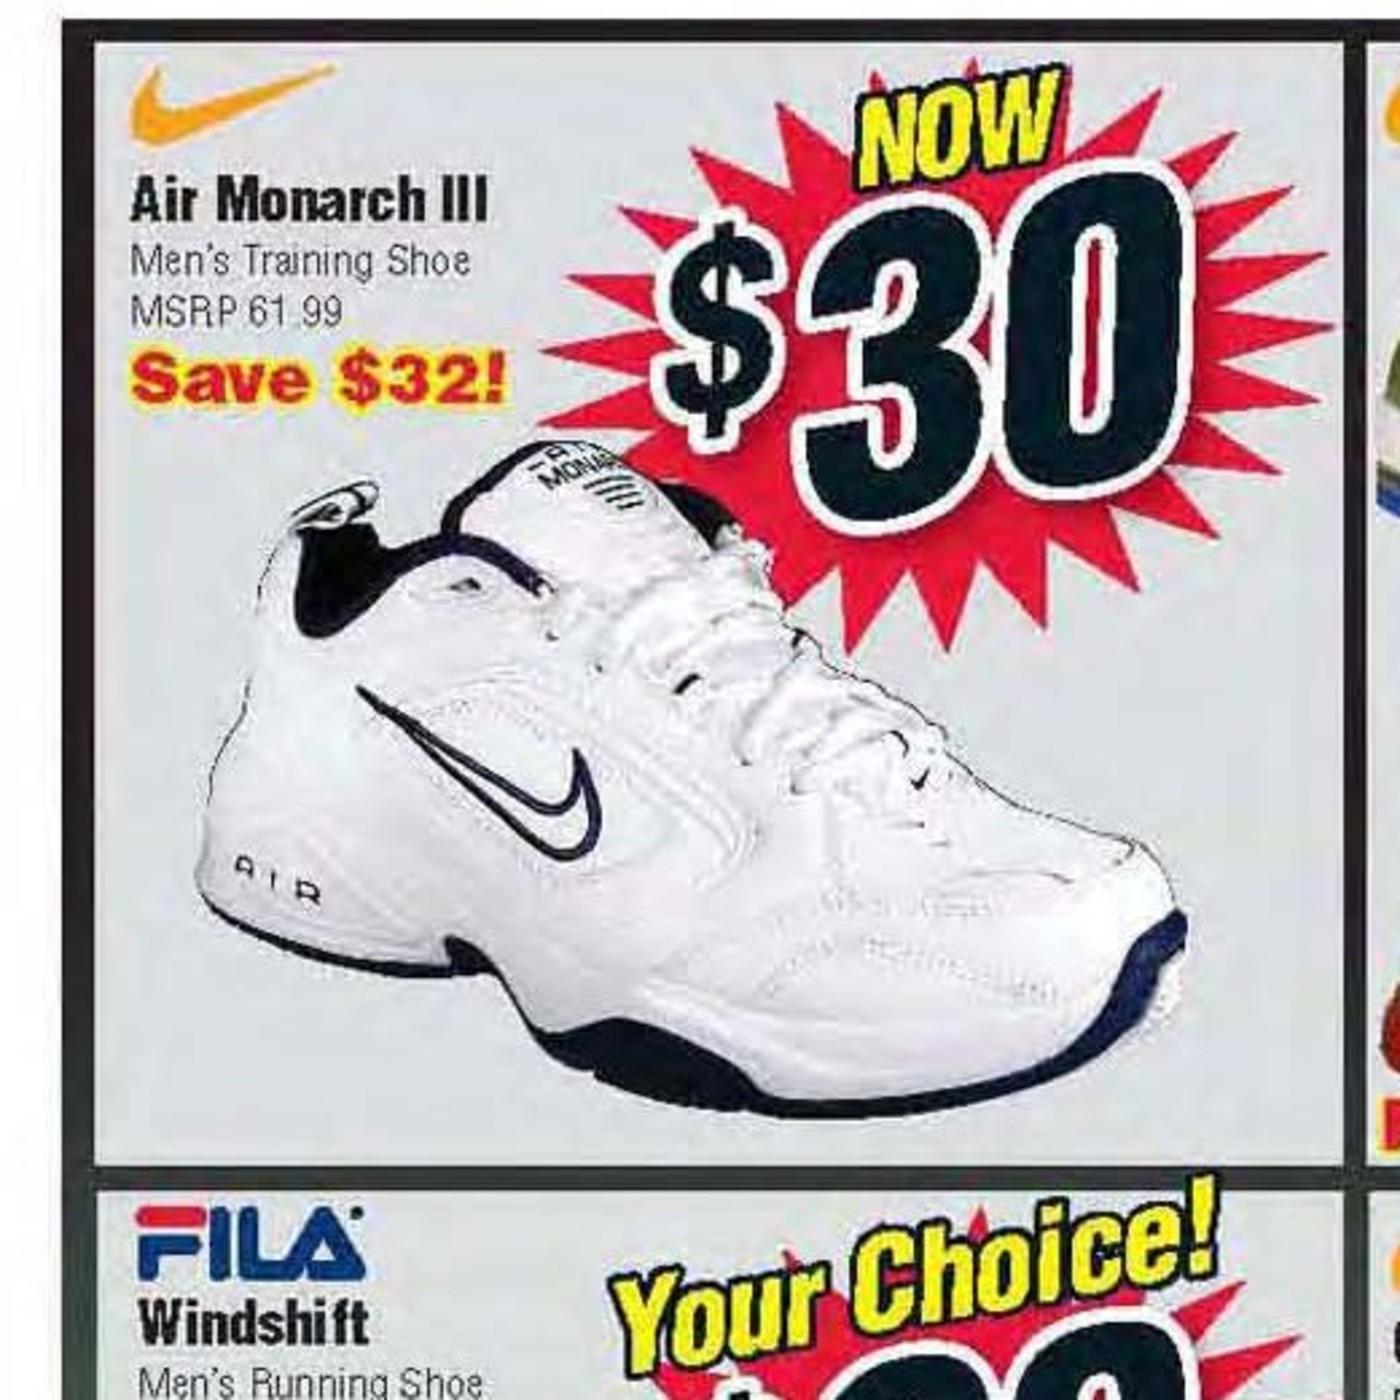 Own Nike Air Monarchs